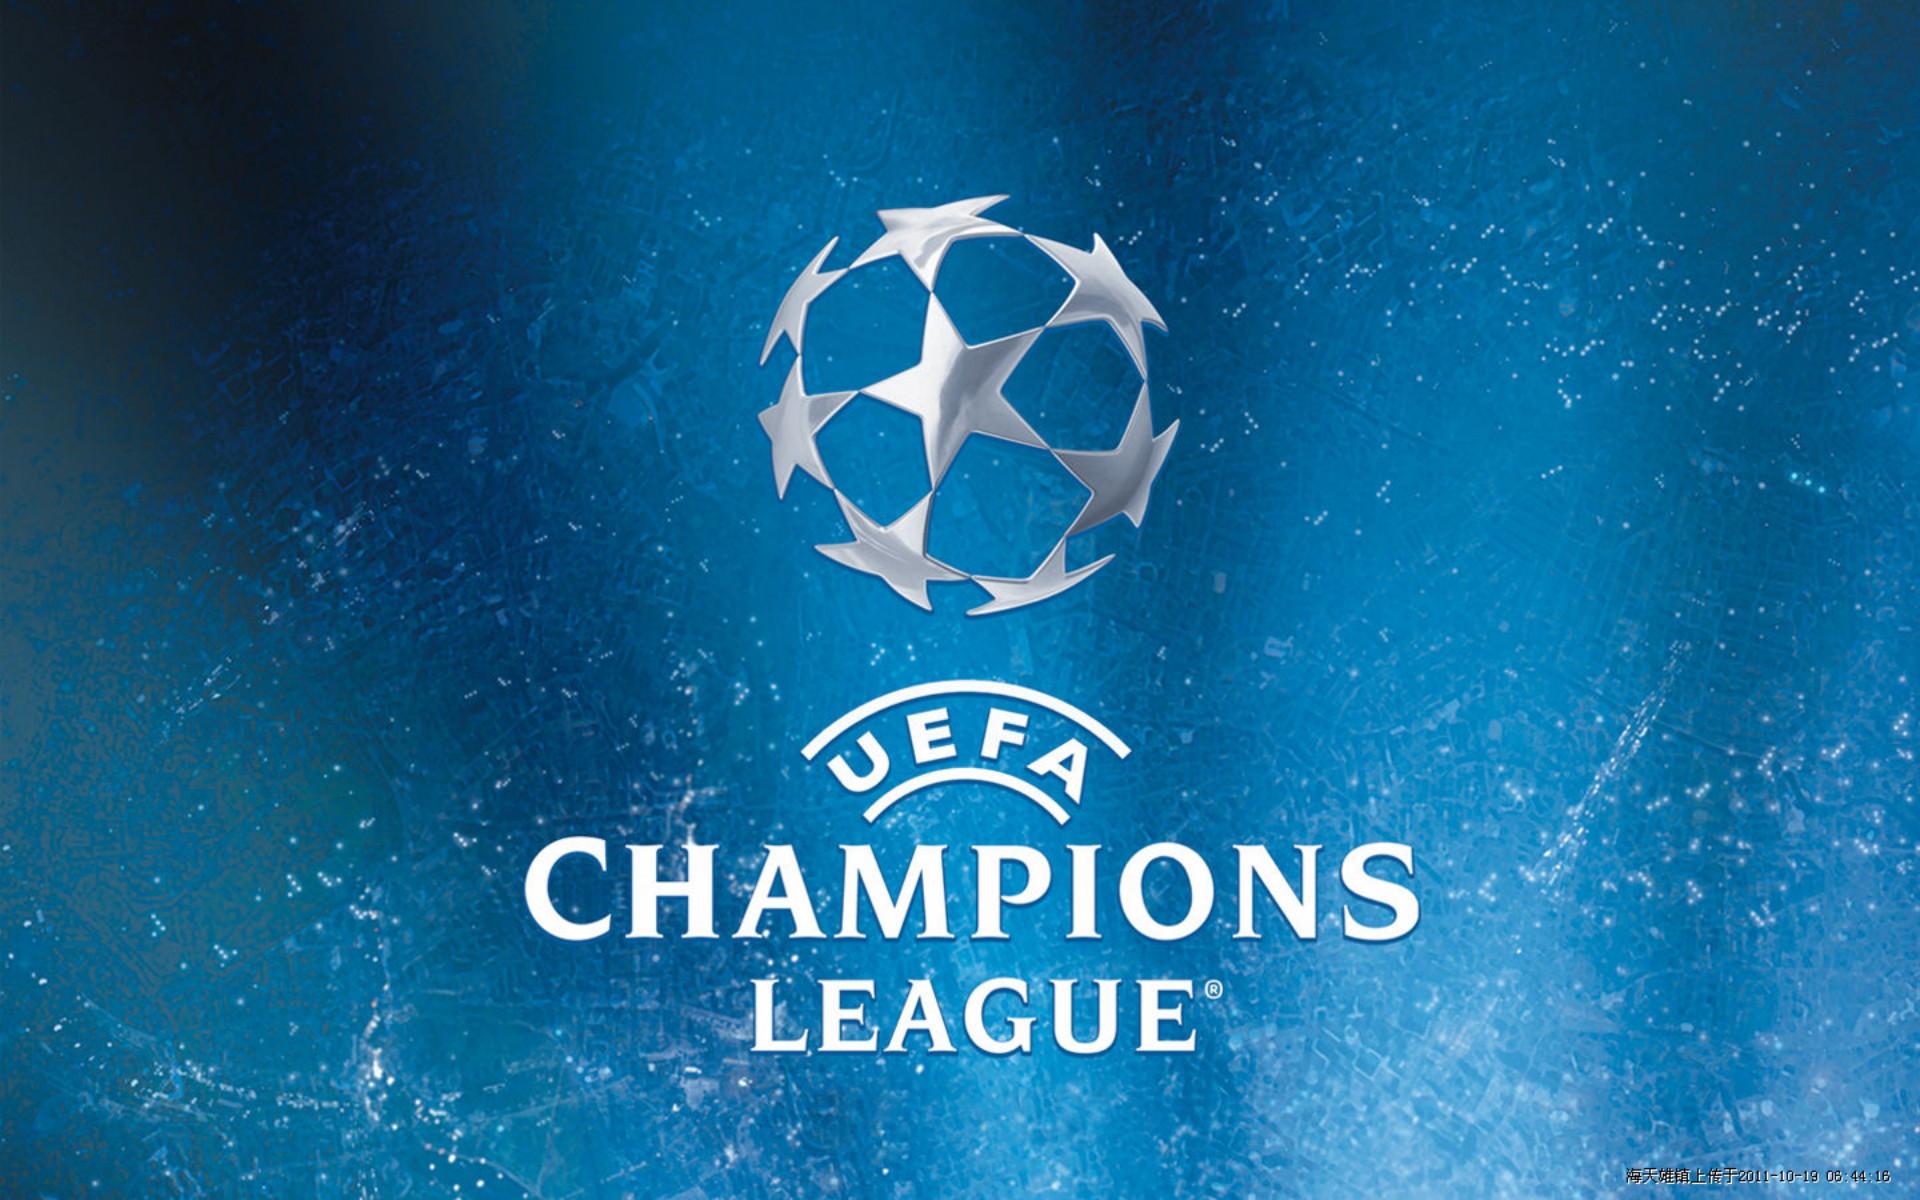 UEFA Galatasaray'a ceza verdi mi? Galatasaray'a ne kadar ceza verildi? Dortmund maçında ne yaşandı? spor, galatasaray, borussia dortmund, uefa, uefa disiplin kurulu, dortmund, şampiyonlar ligi, medya servisi,